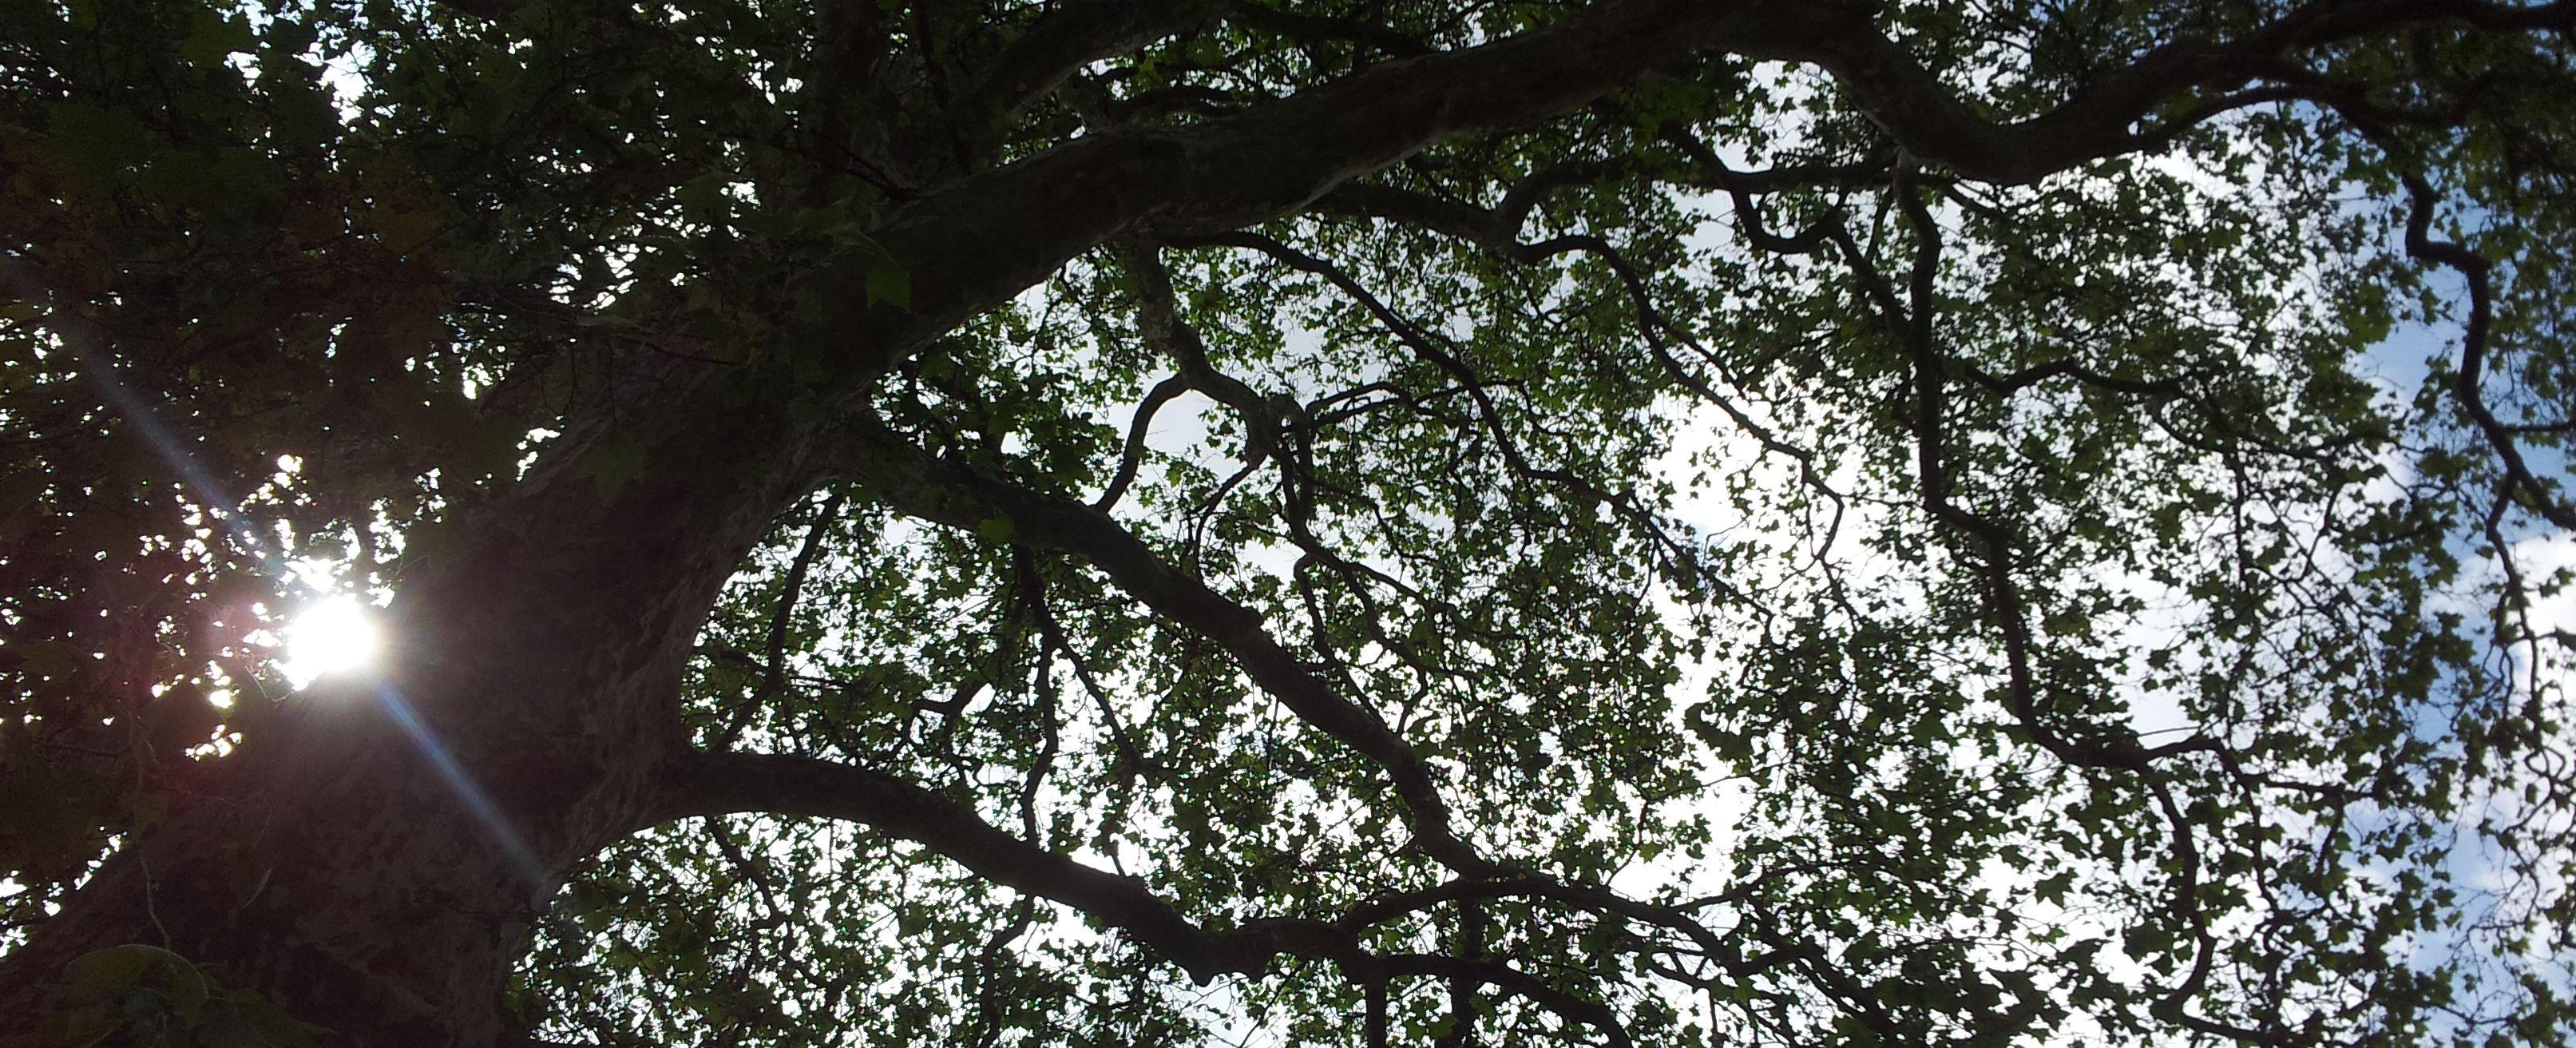 Lyrik: Wie ein Baum